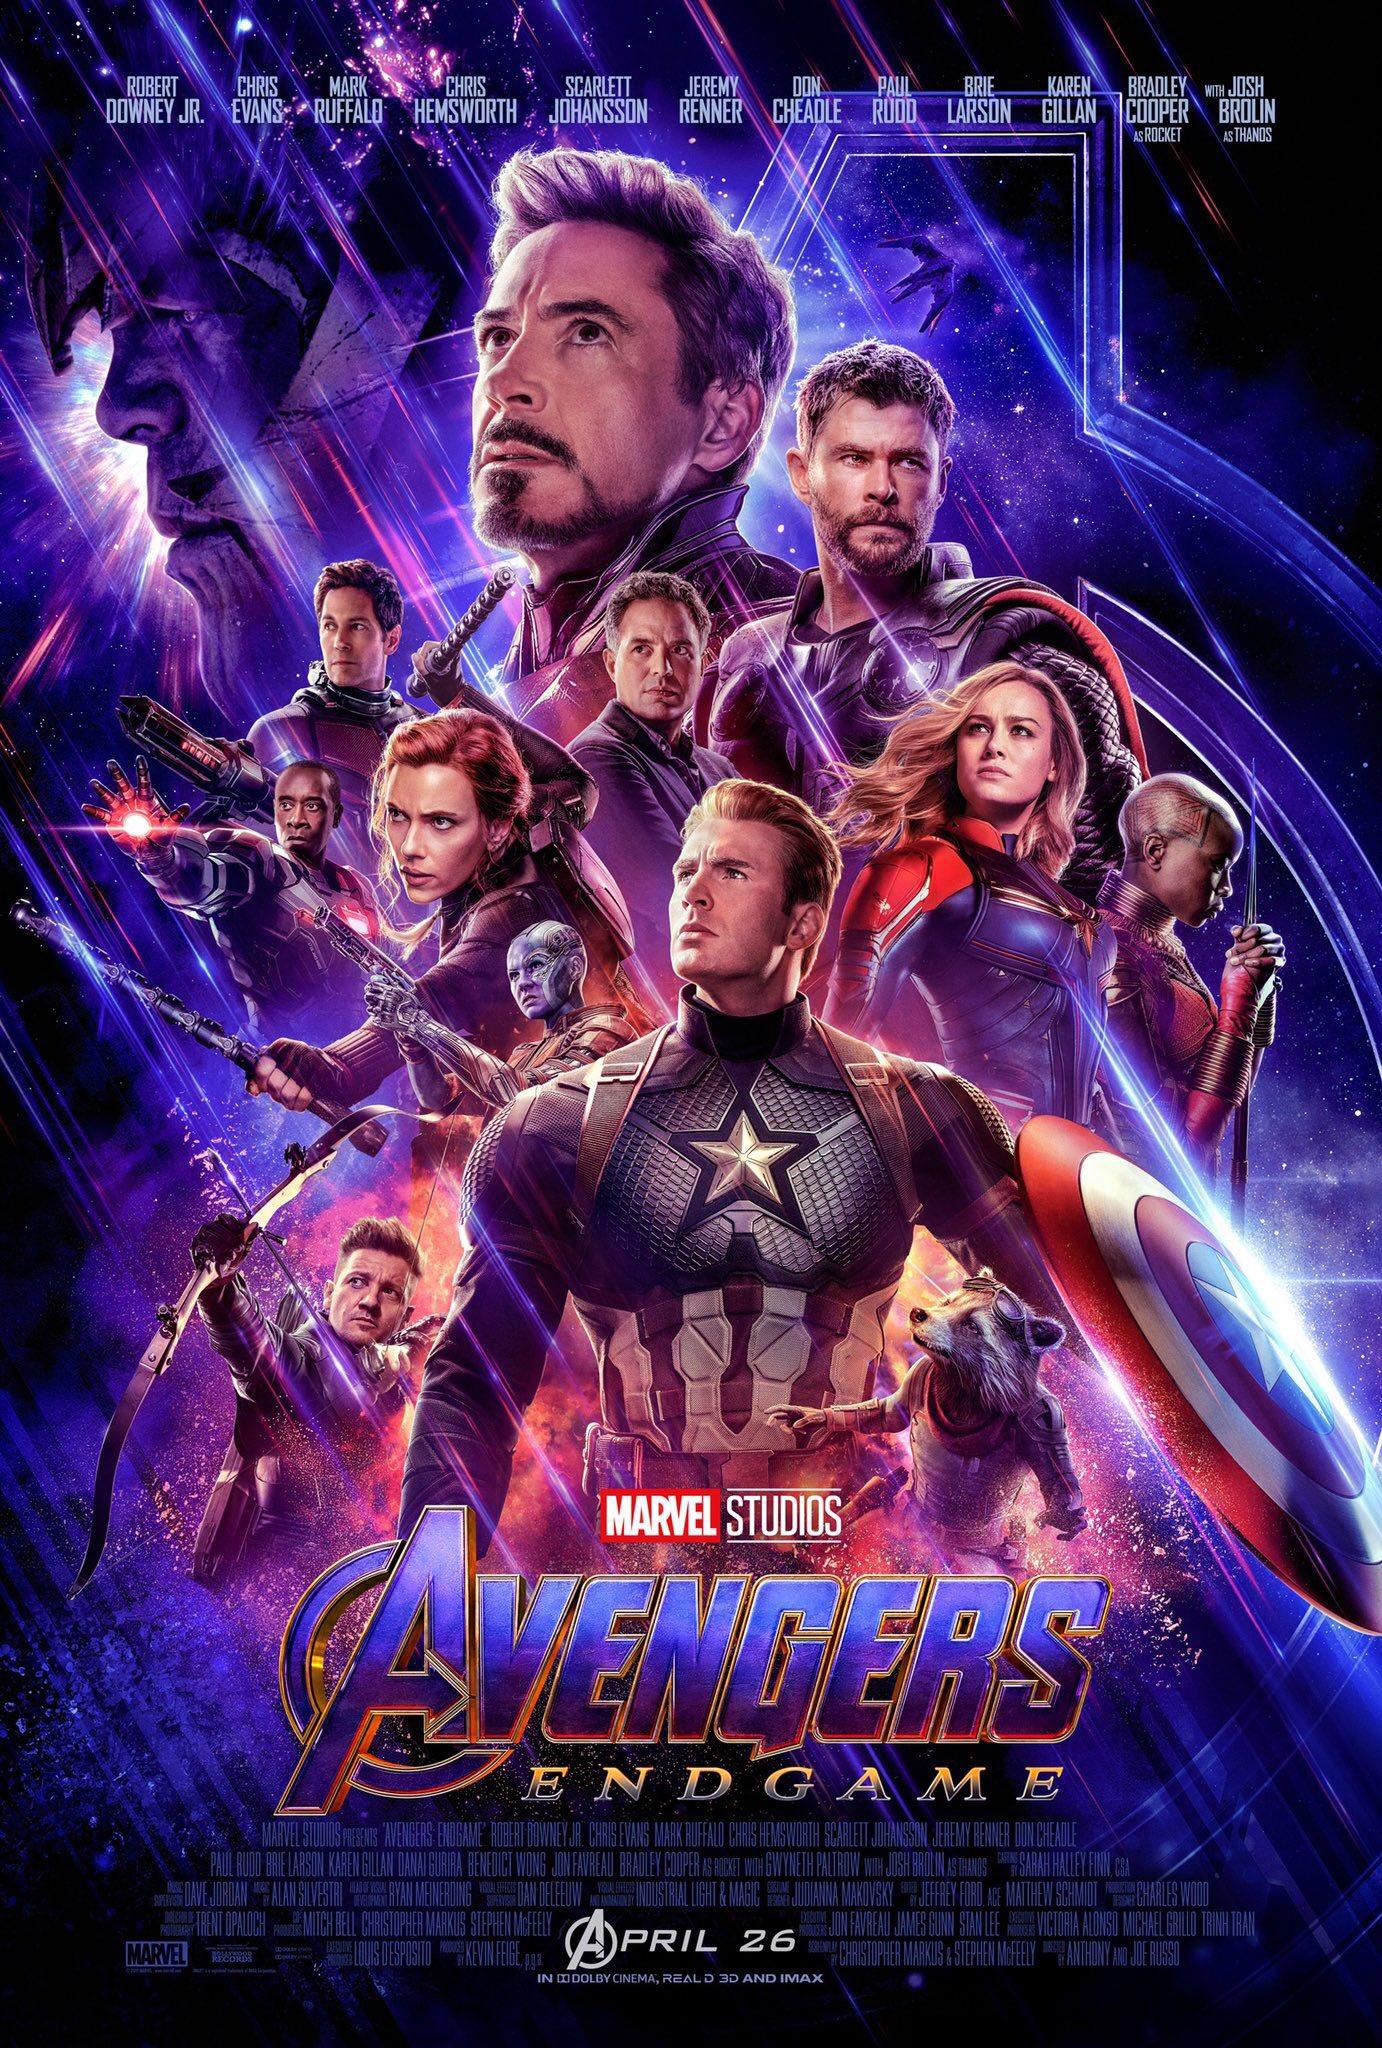 Avengers: Endgame poster on Paul Gale Network